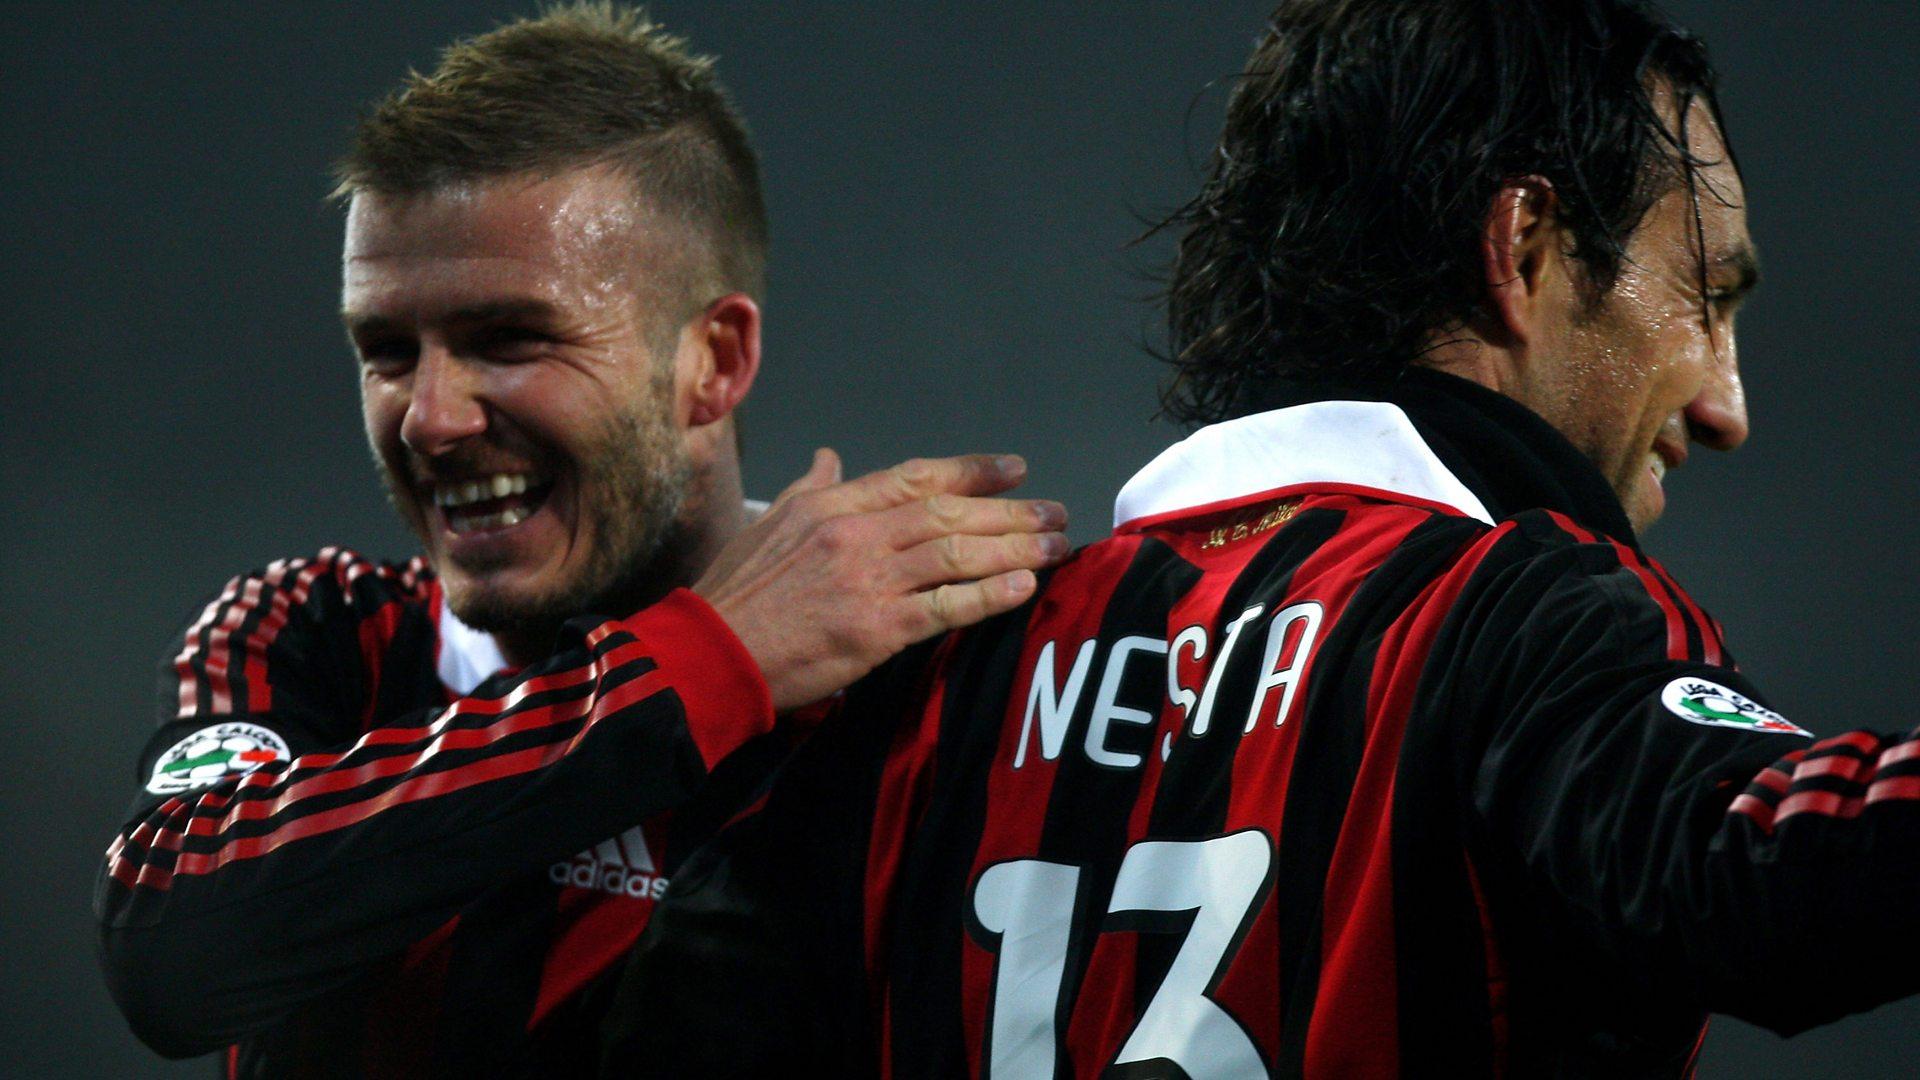 BBC World Service - Sportsworld - Nesta & Maldini beat Beckham to Miami team